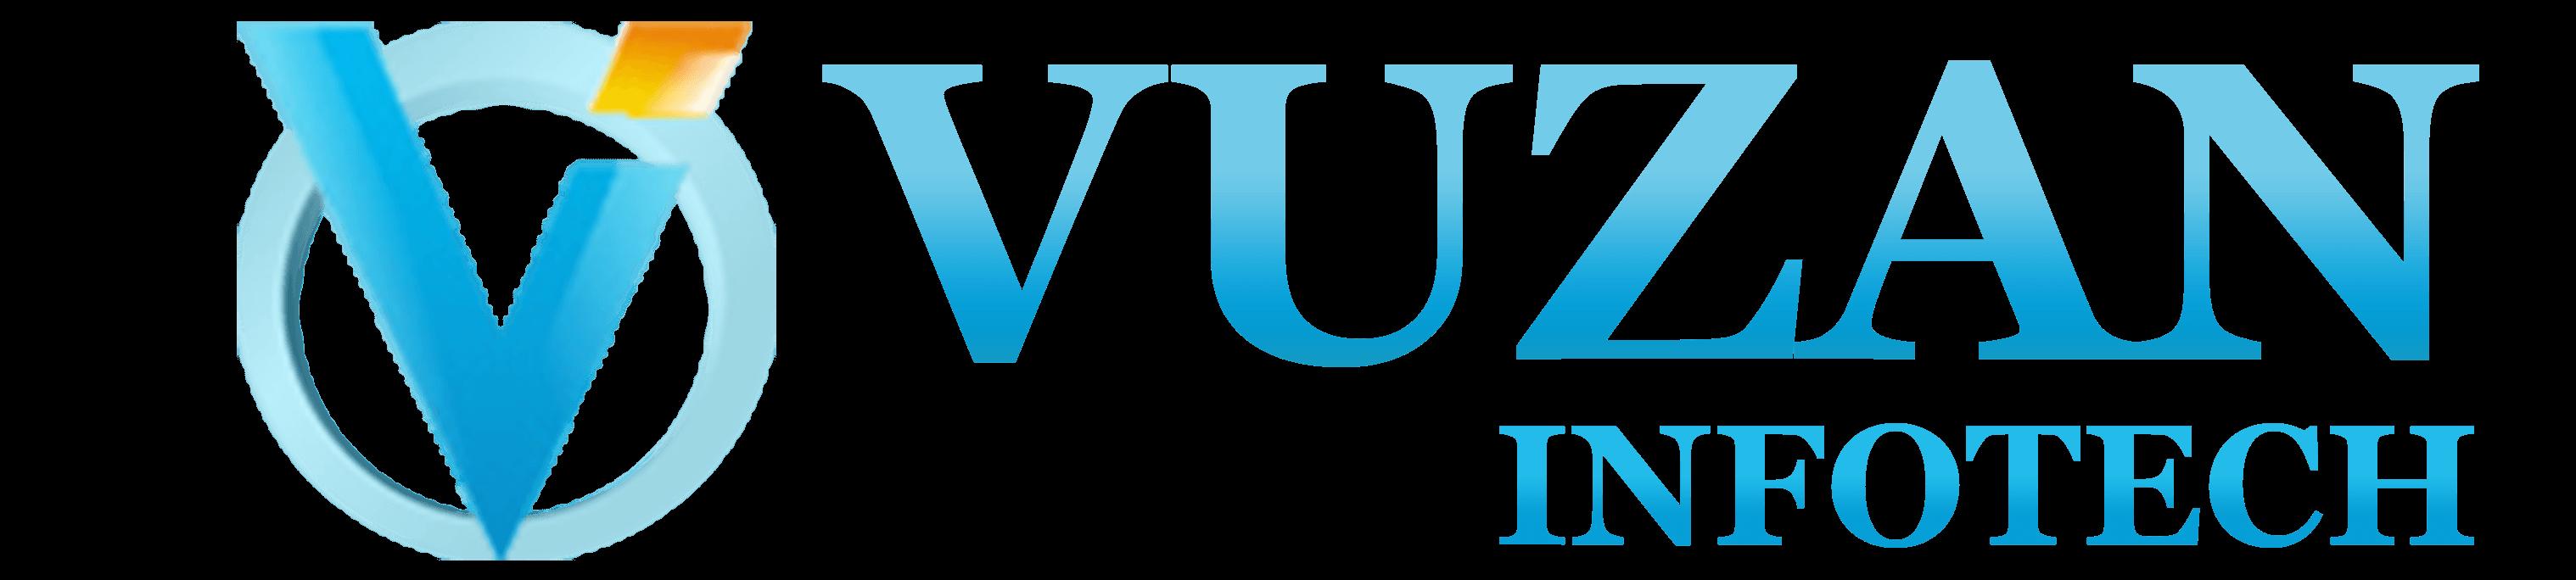 Vuzan Infotech